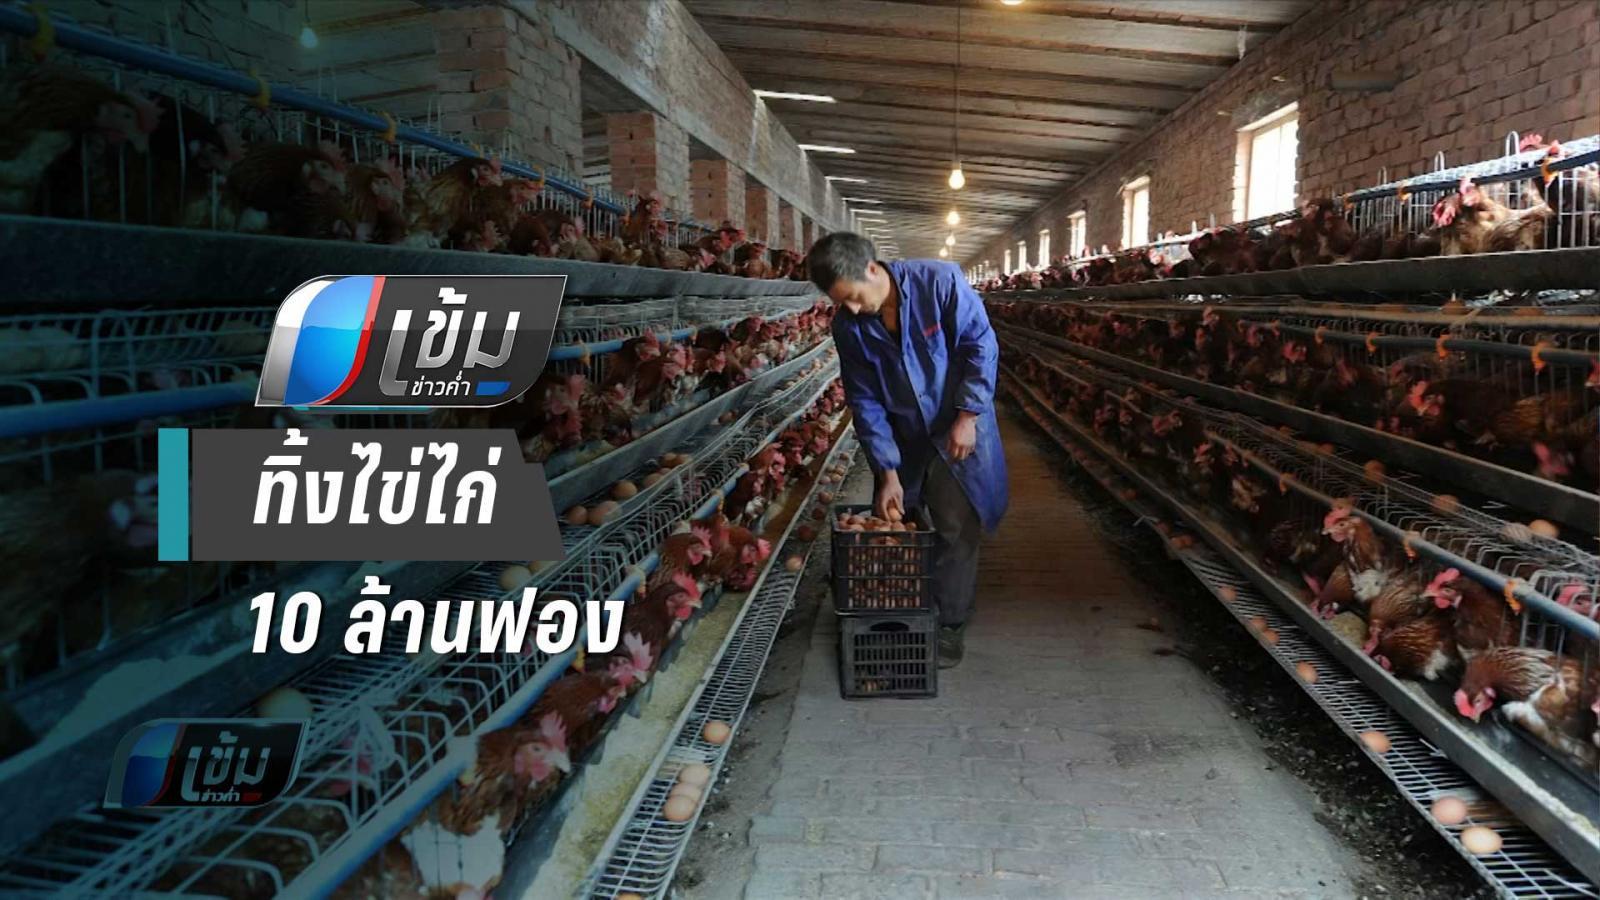 รบ.อินโดฯ หนุน ทิ้งไข่ไก่ 10 ล้านฟอง พยุงราคาไก่